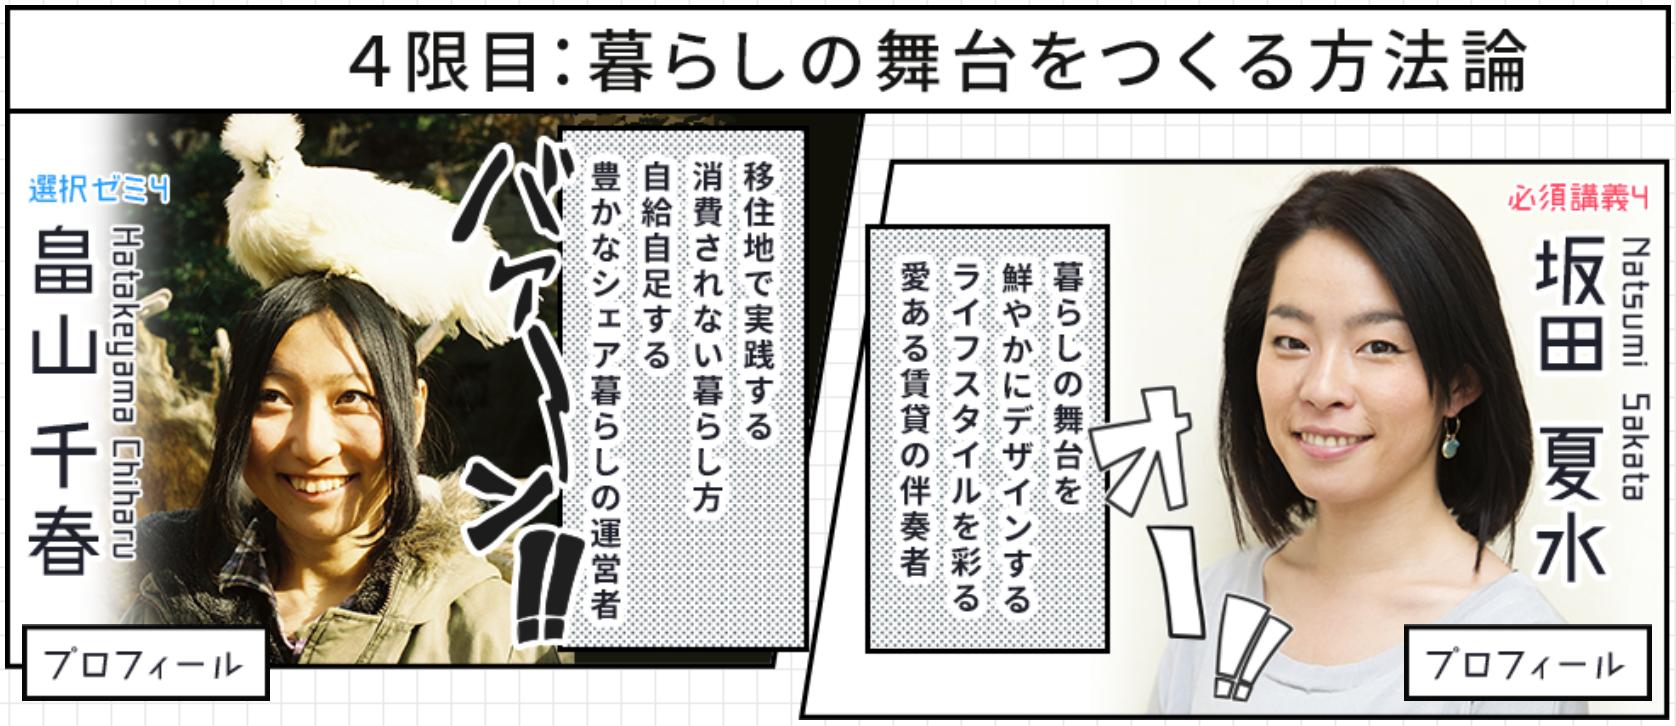 「暮らしの舞台をつくる方法論」畠山千春・坂田夏水